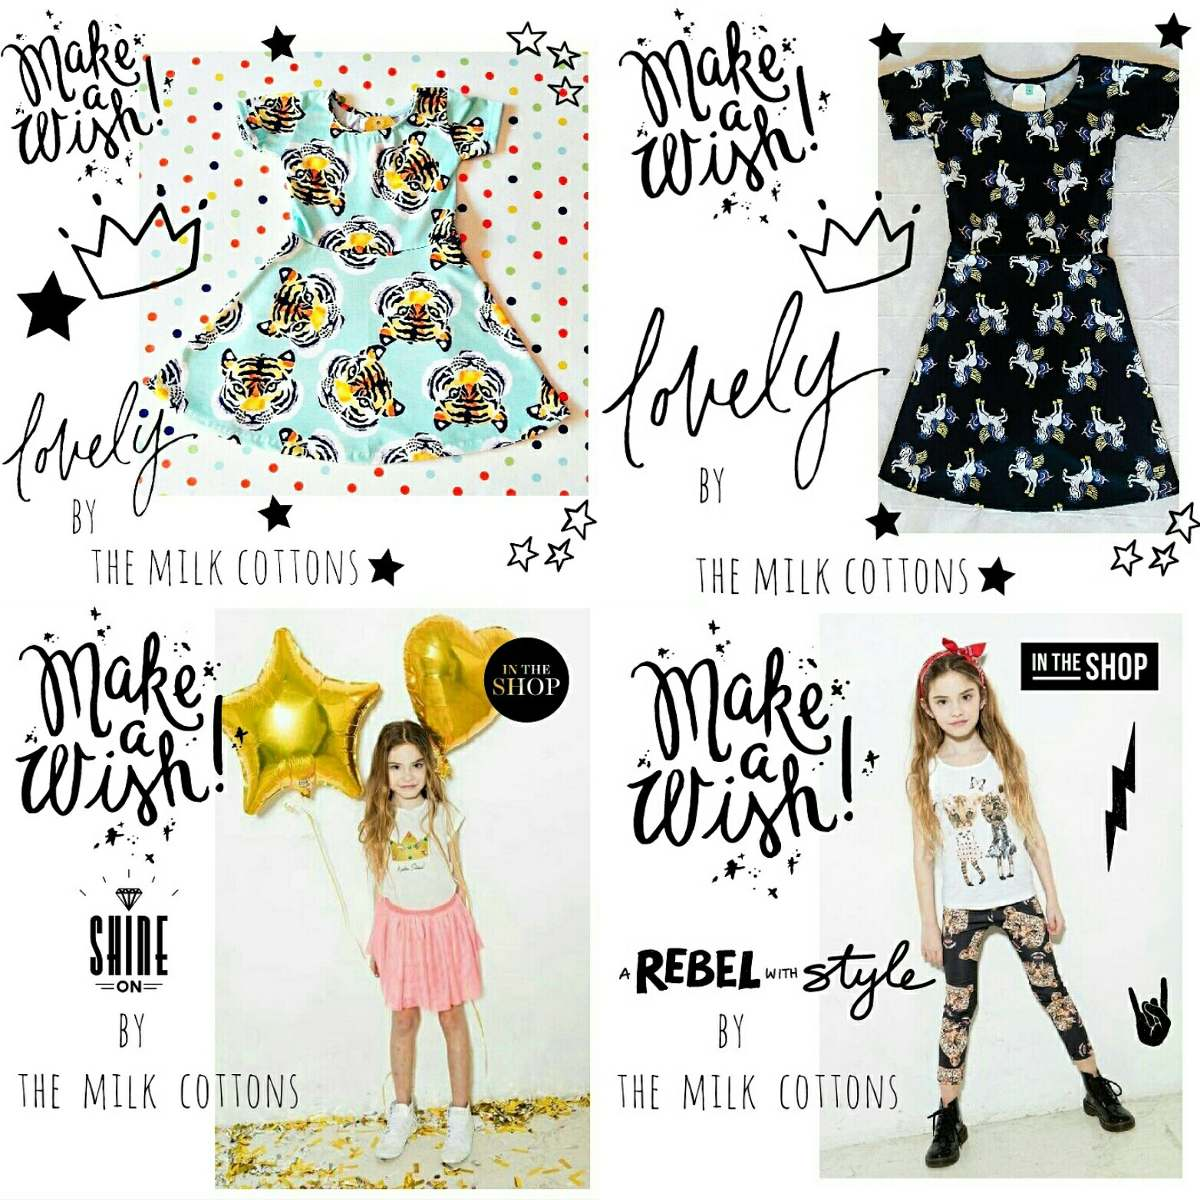 Remeras-jeans-vestidos- Tienda Online Niños-the Milk Cottons -   179 ... 3c0989612024